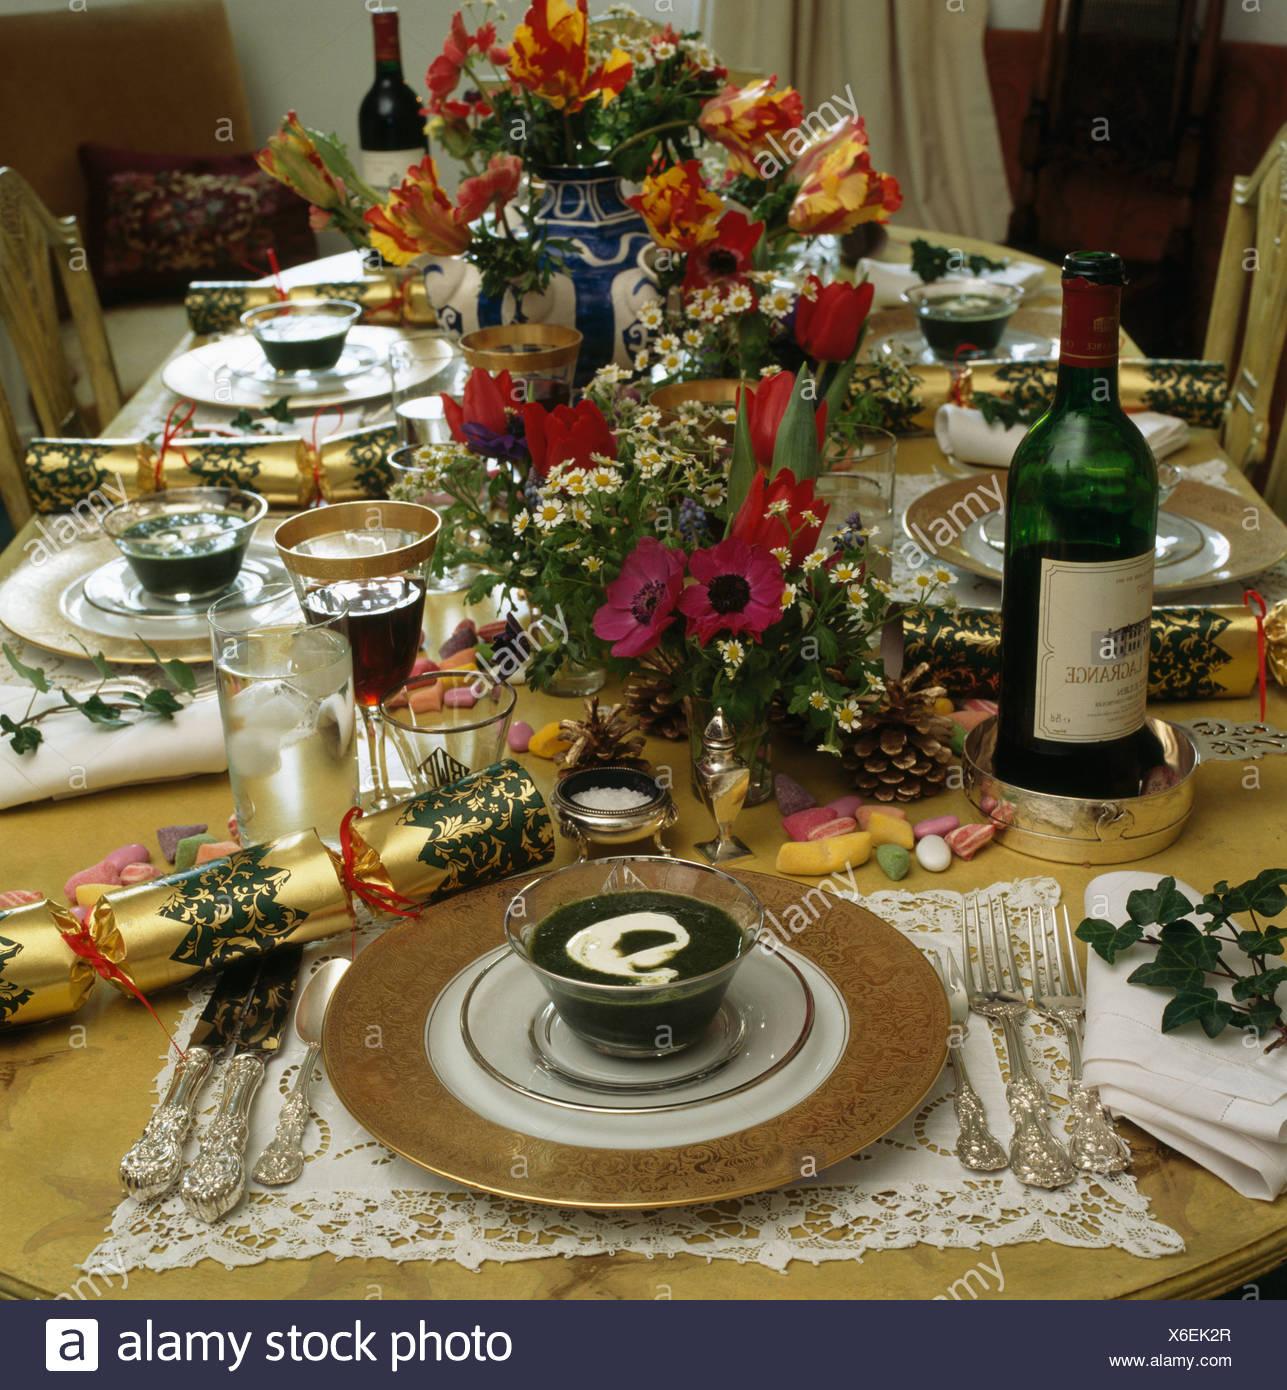 Nahaufnahme Von Gedecke Und Blumenschmuck Am Tisch Fur